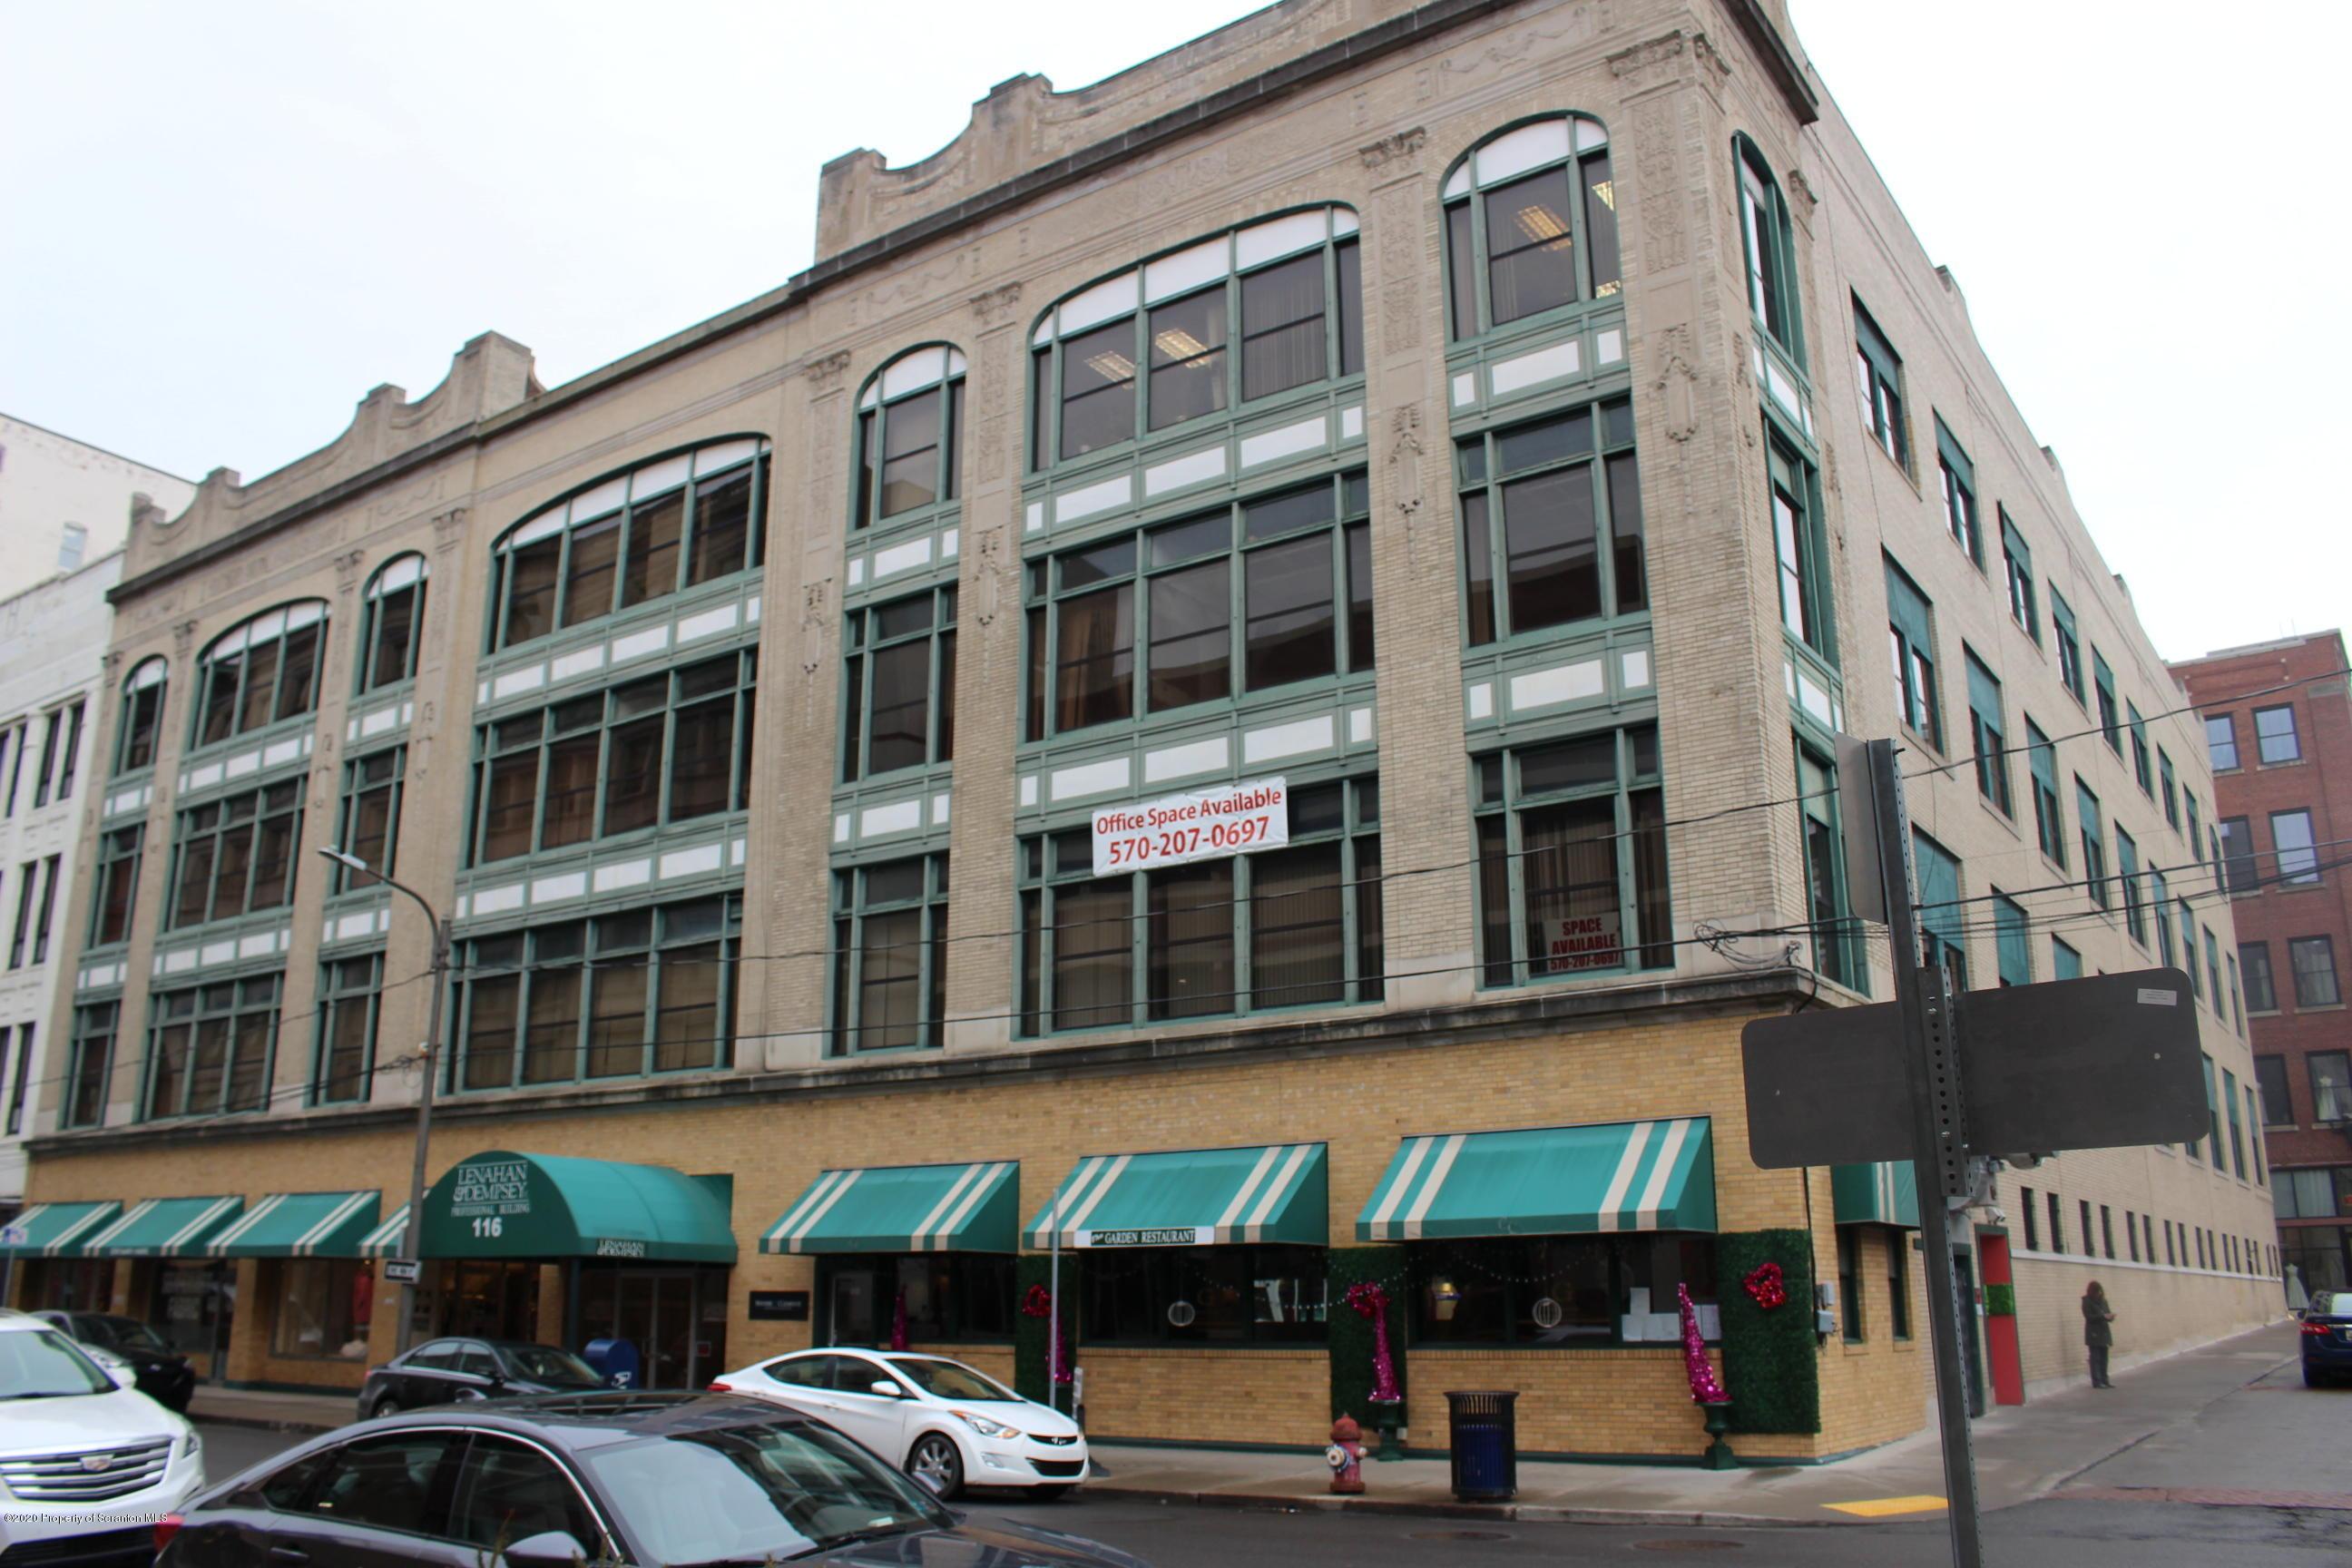 Scranton, Pennsylvania 18503, ,15 BathroomsBathrooms,Commercial,For Sale,20-612